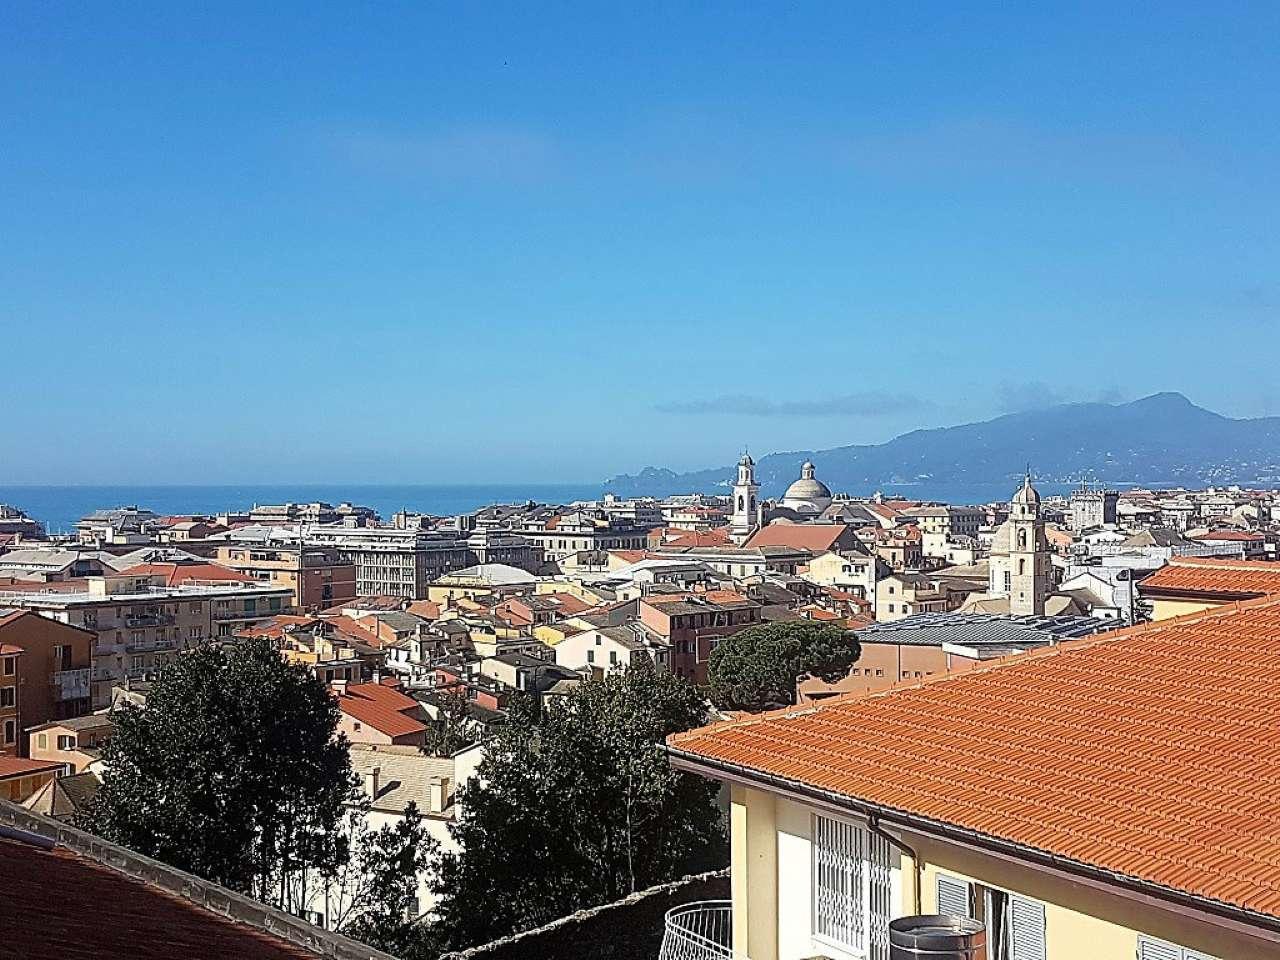 Appartamento in vendita a Chiavari, 4 locali, prezzo € 165.000 | PortaleAgenzieImmobiliari.it